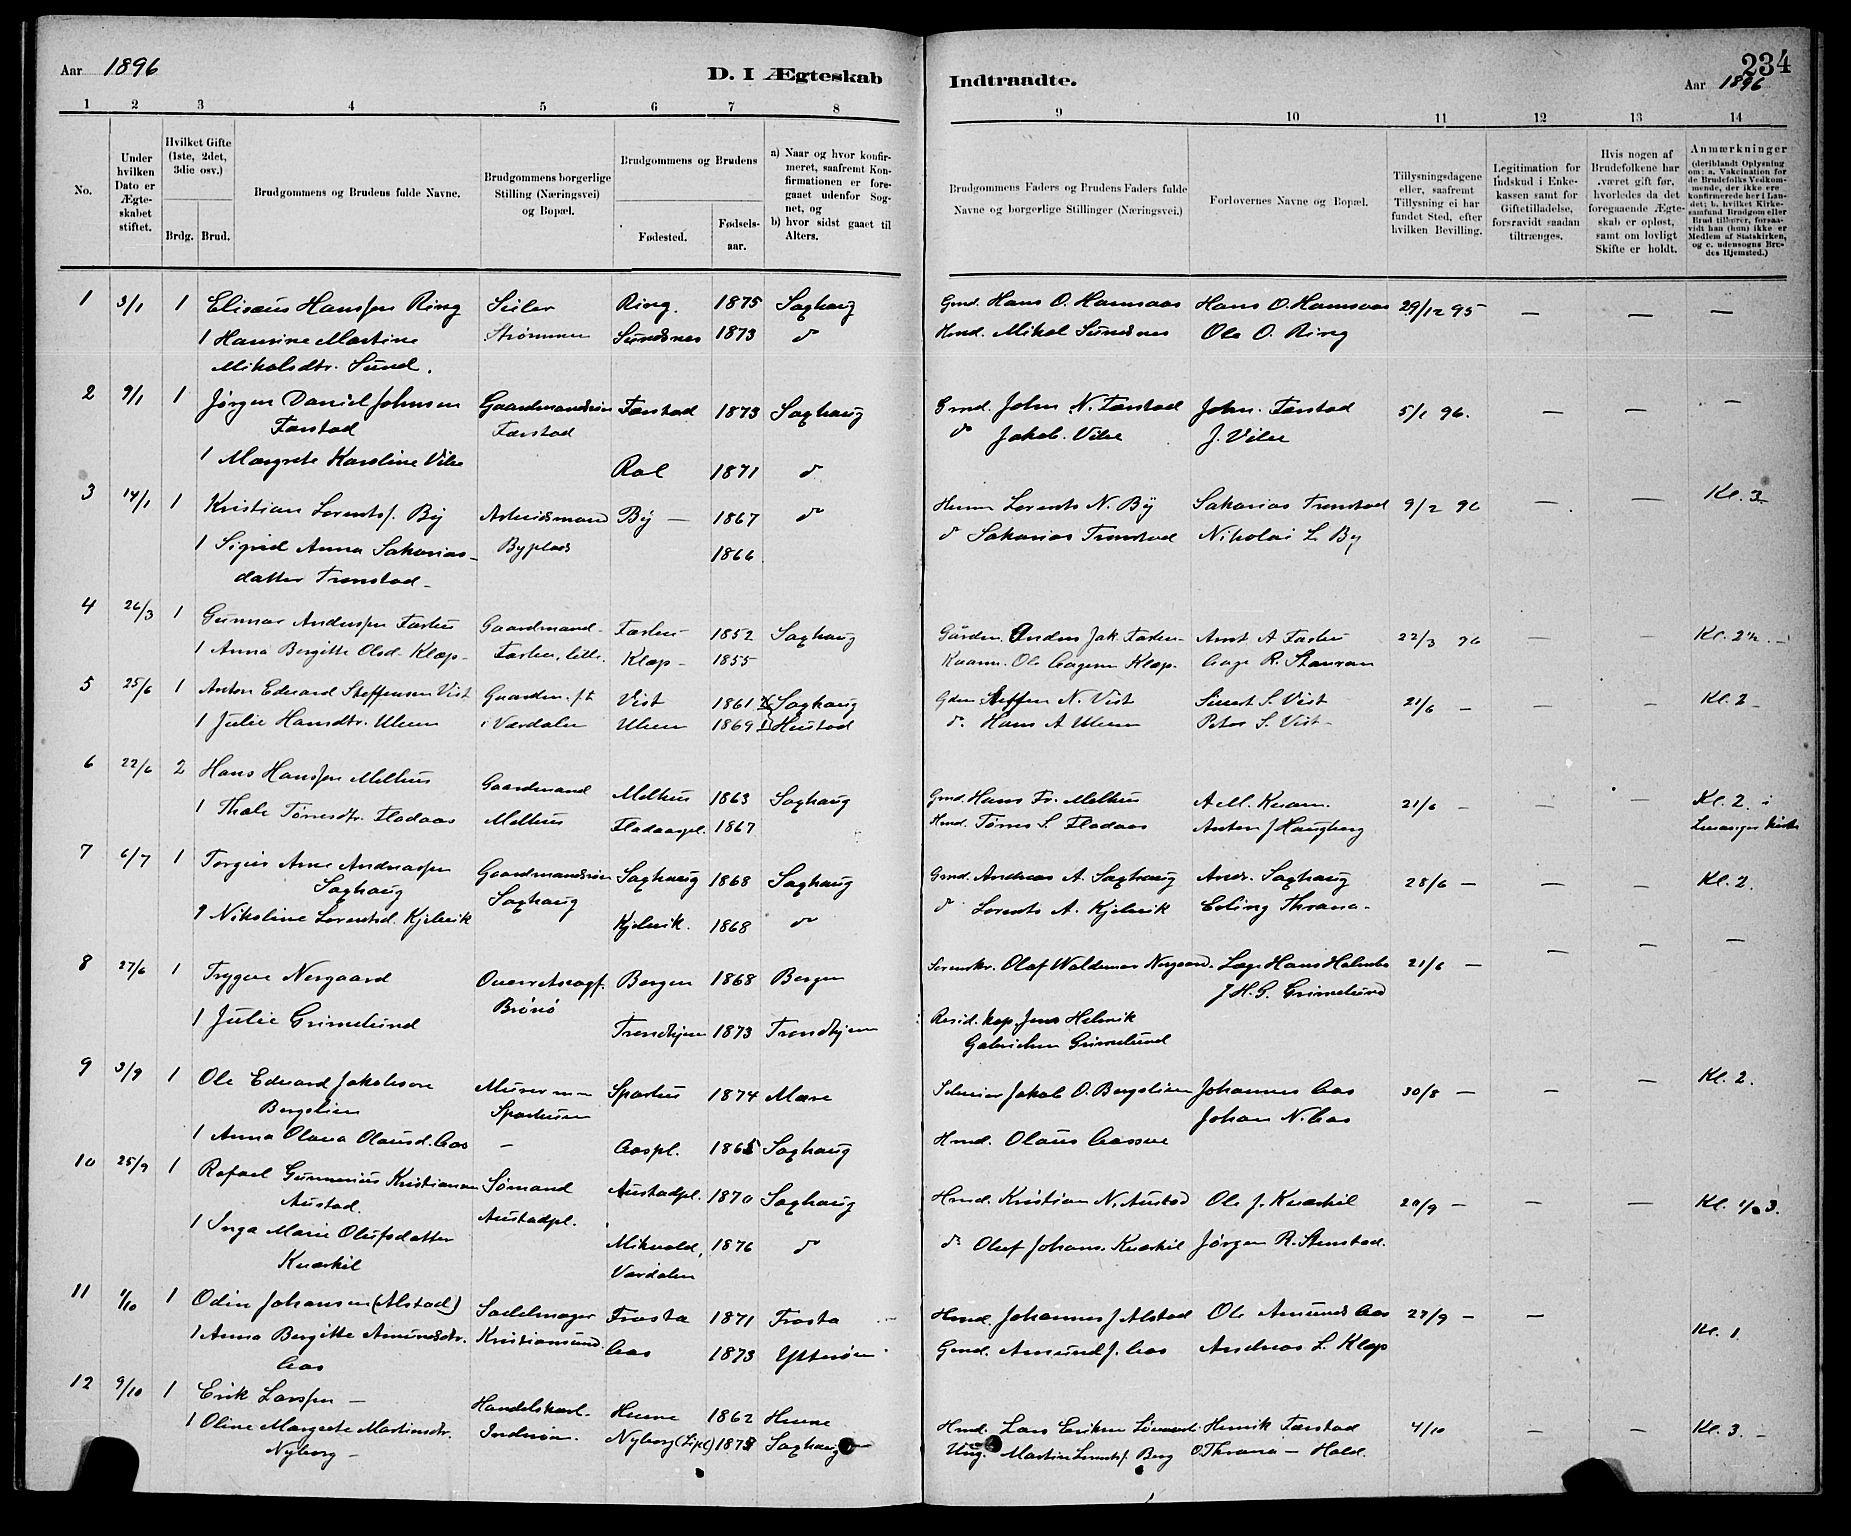 SAT, Ministerialprotokoller, klokkerbøker og fødselsregistre - Nord-Trøndelag, 730/L0301: Klokkerbok nr. 730C04, 1880-1897, s. 234